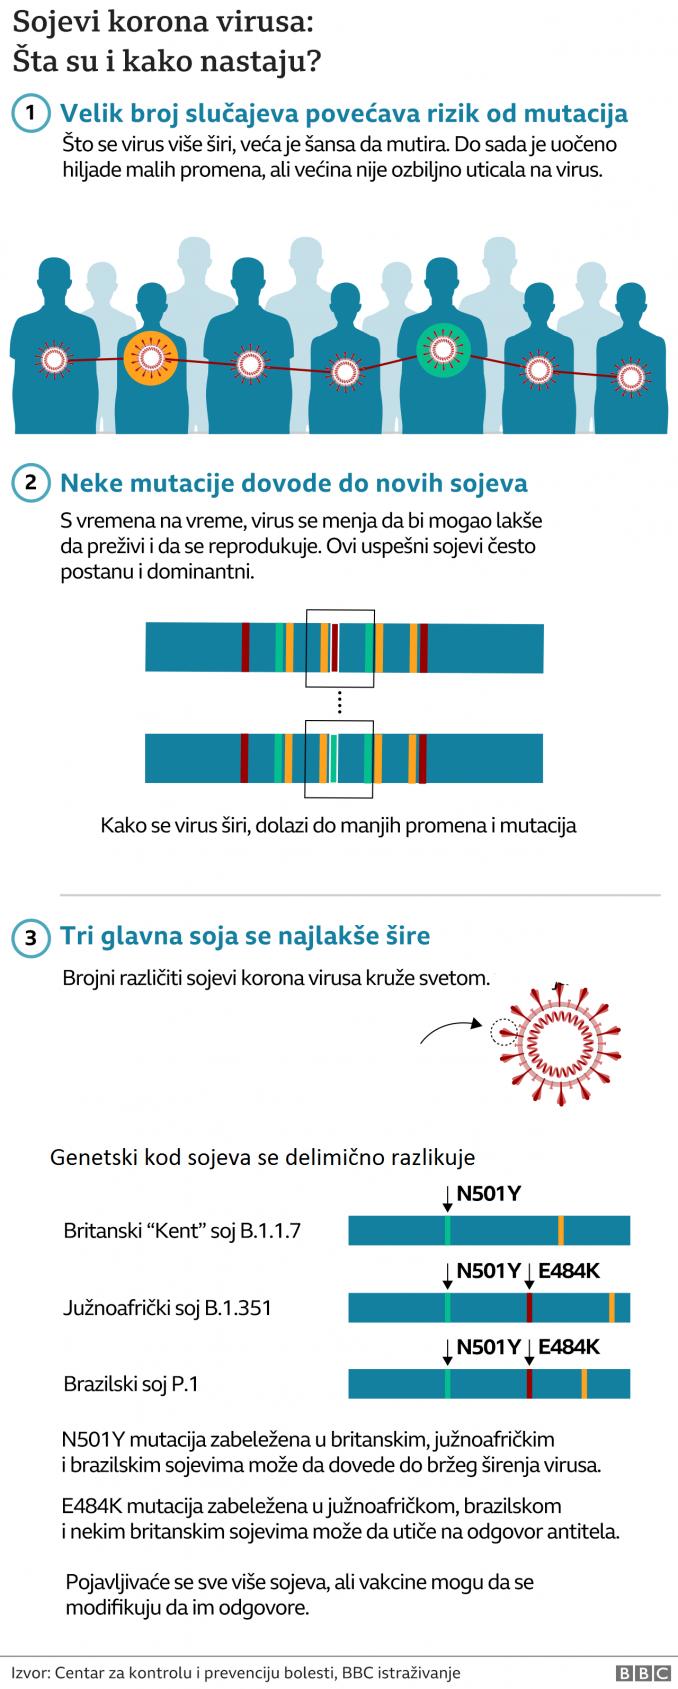 Korona virus: Još 16 umrlo u Srbiji, novi skok broja zaraženih, brazilski soj virusa u Britaniji razlog za novu brigu 5